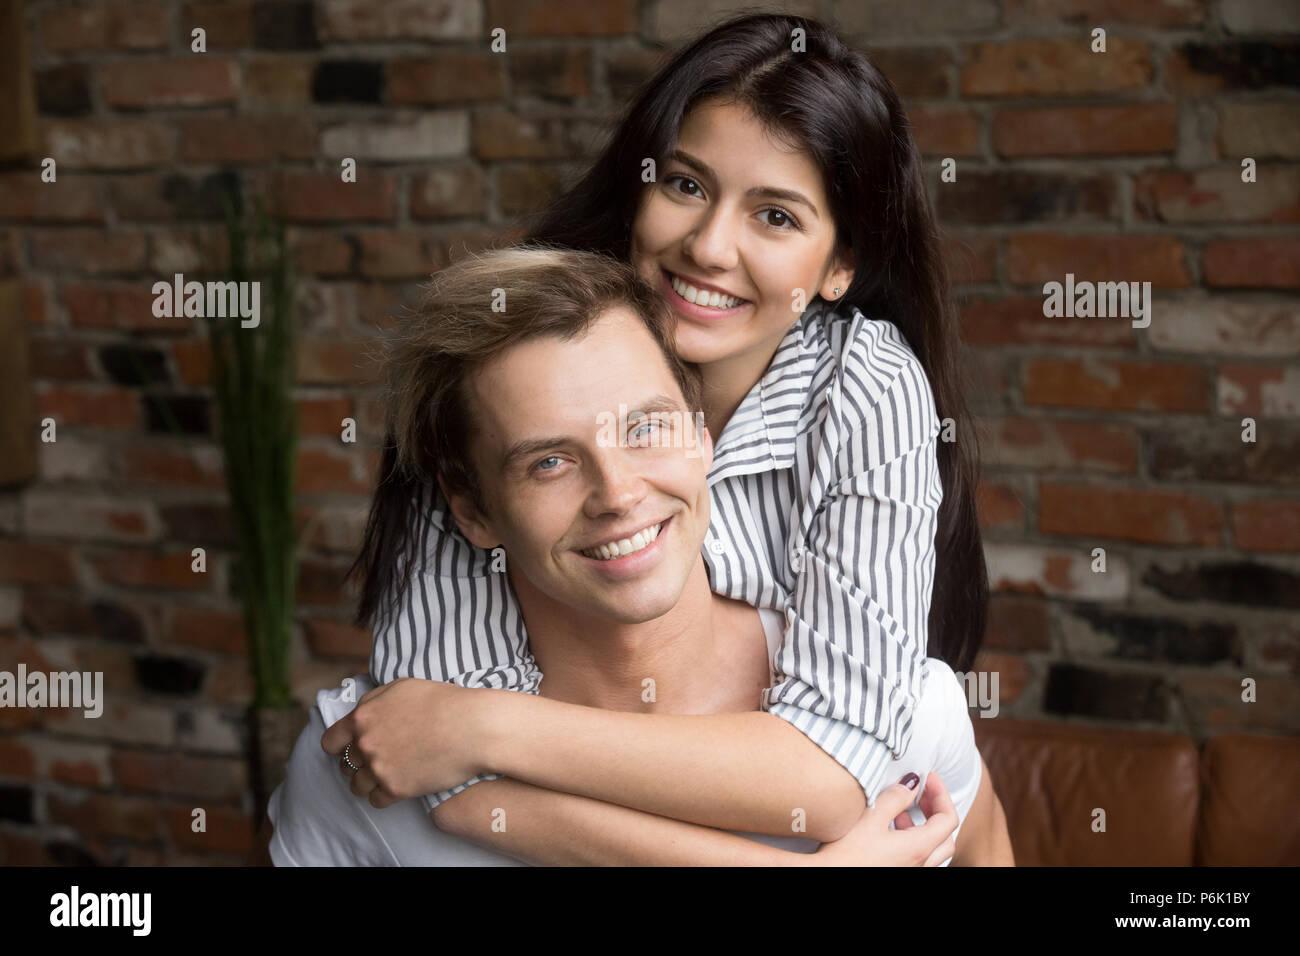 Retrato de la feliz pareja milenaria abrazando posando para familia al. Imagen De Stock